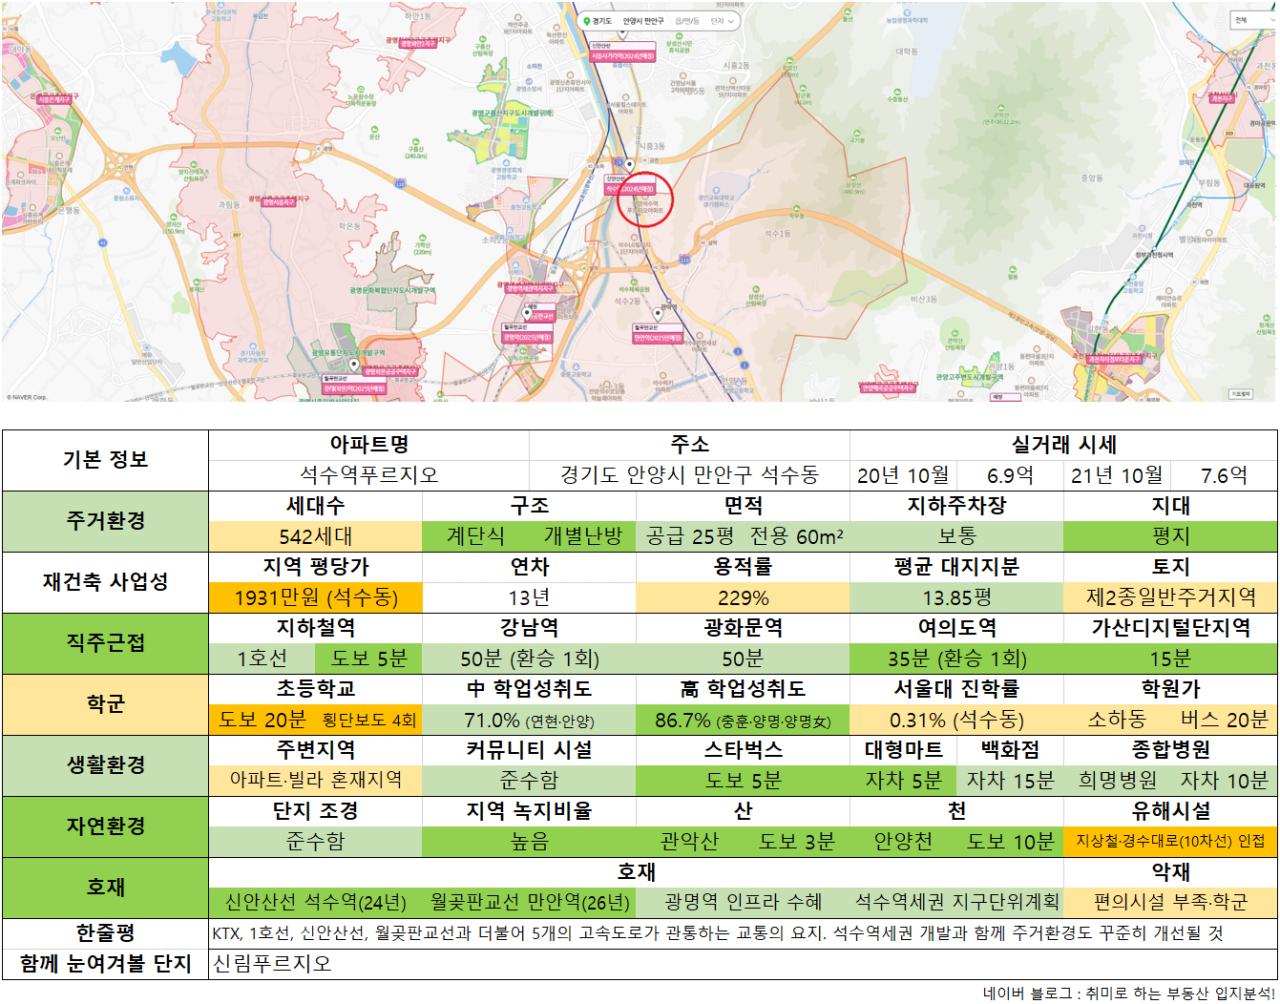 10_석수역푸르지오.png 수도권 9억 이하 아파트 추천 (ver. 21년 10월)